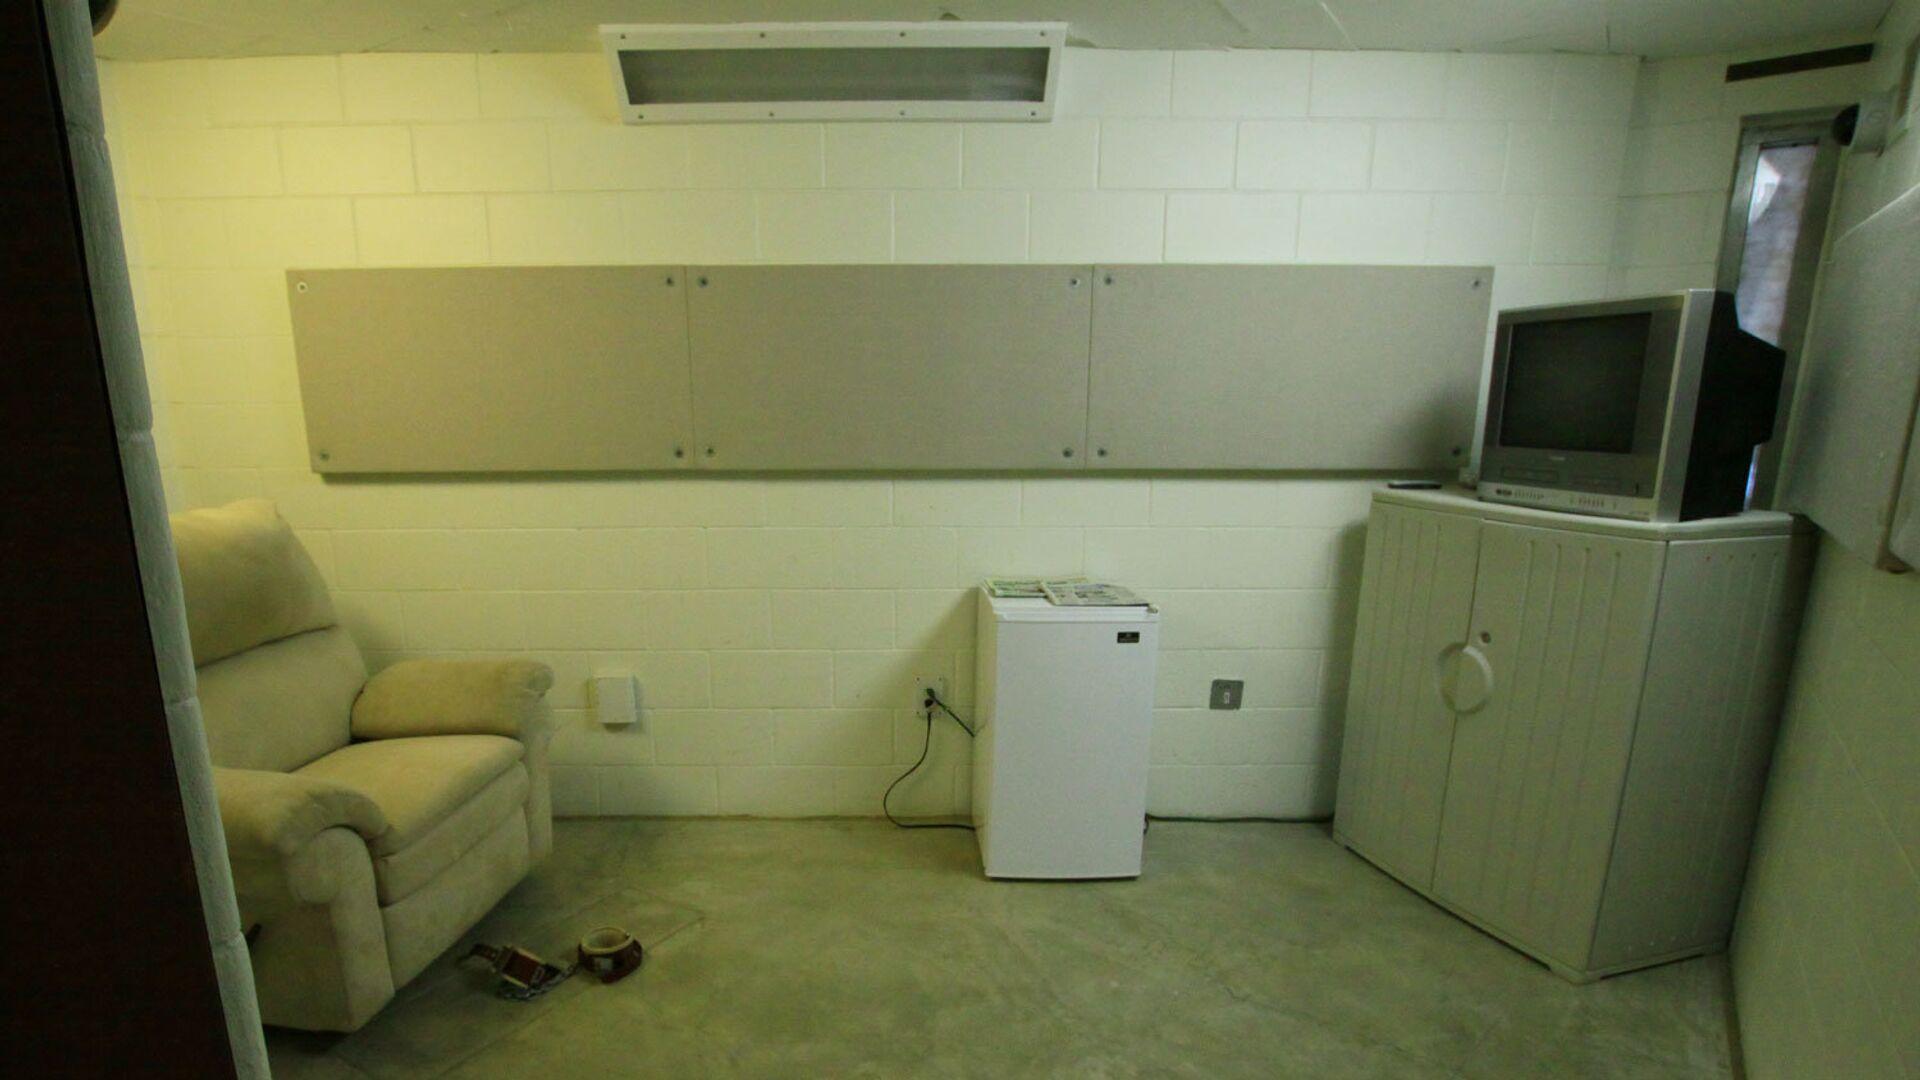 Гуантанамо: тюрьма на Острове Свободы, ожидающая закрытия - РИА Новости, 1920, 31.05.2020